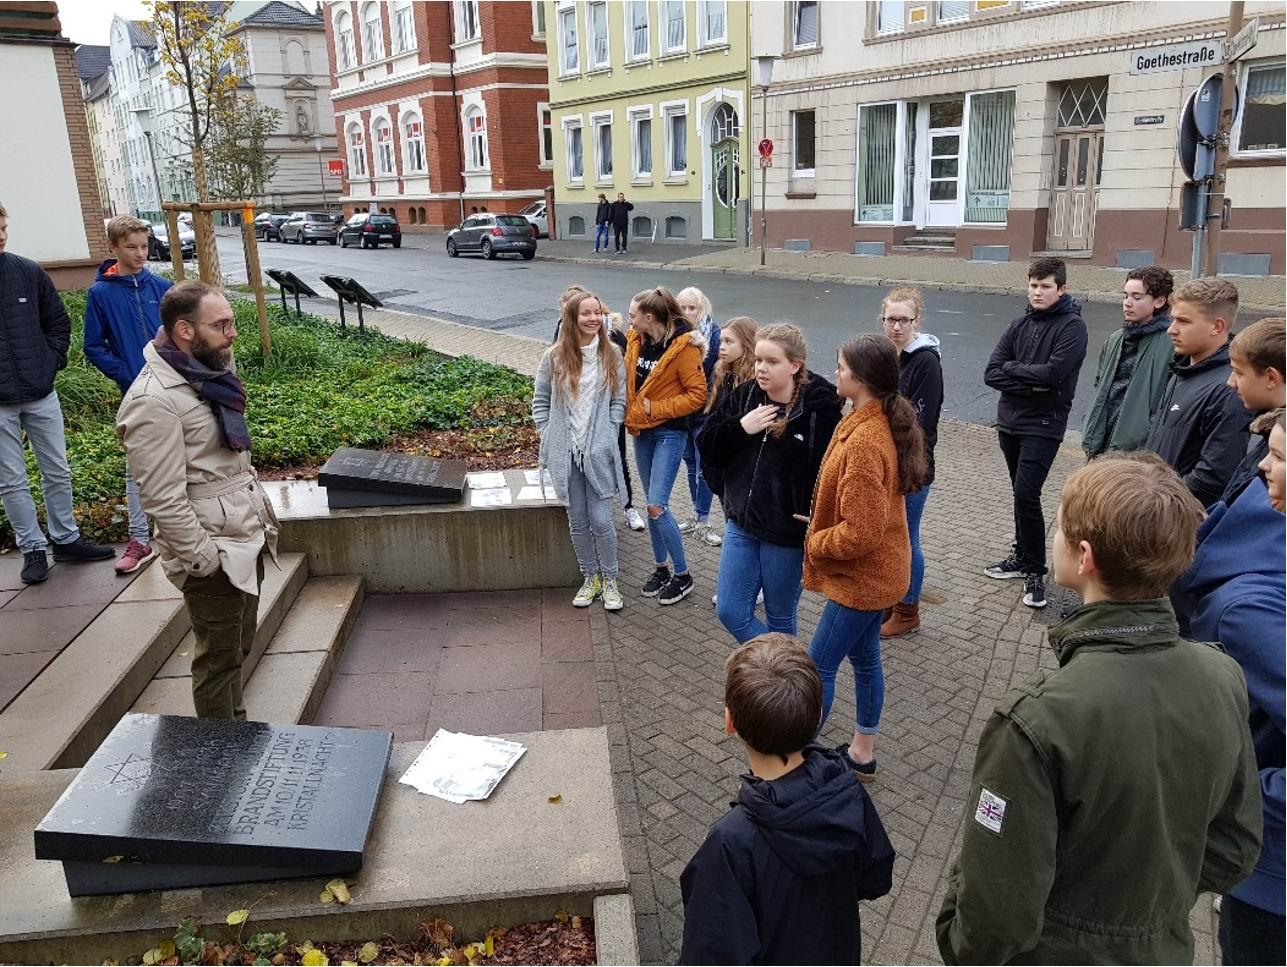 Gedenkstätte in der Hans-Marburger-Straße